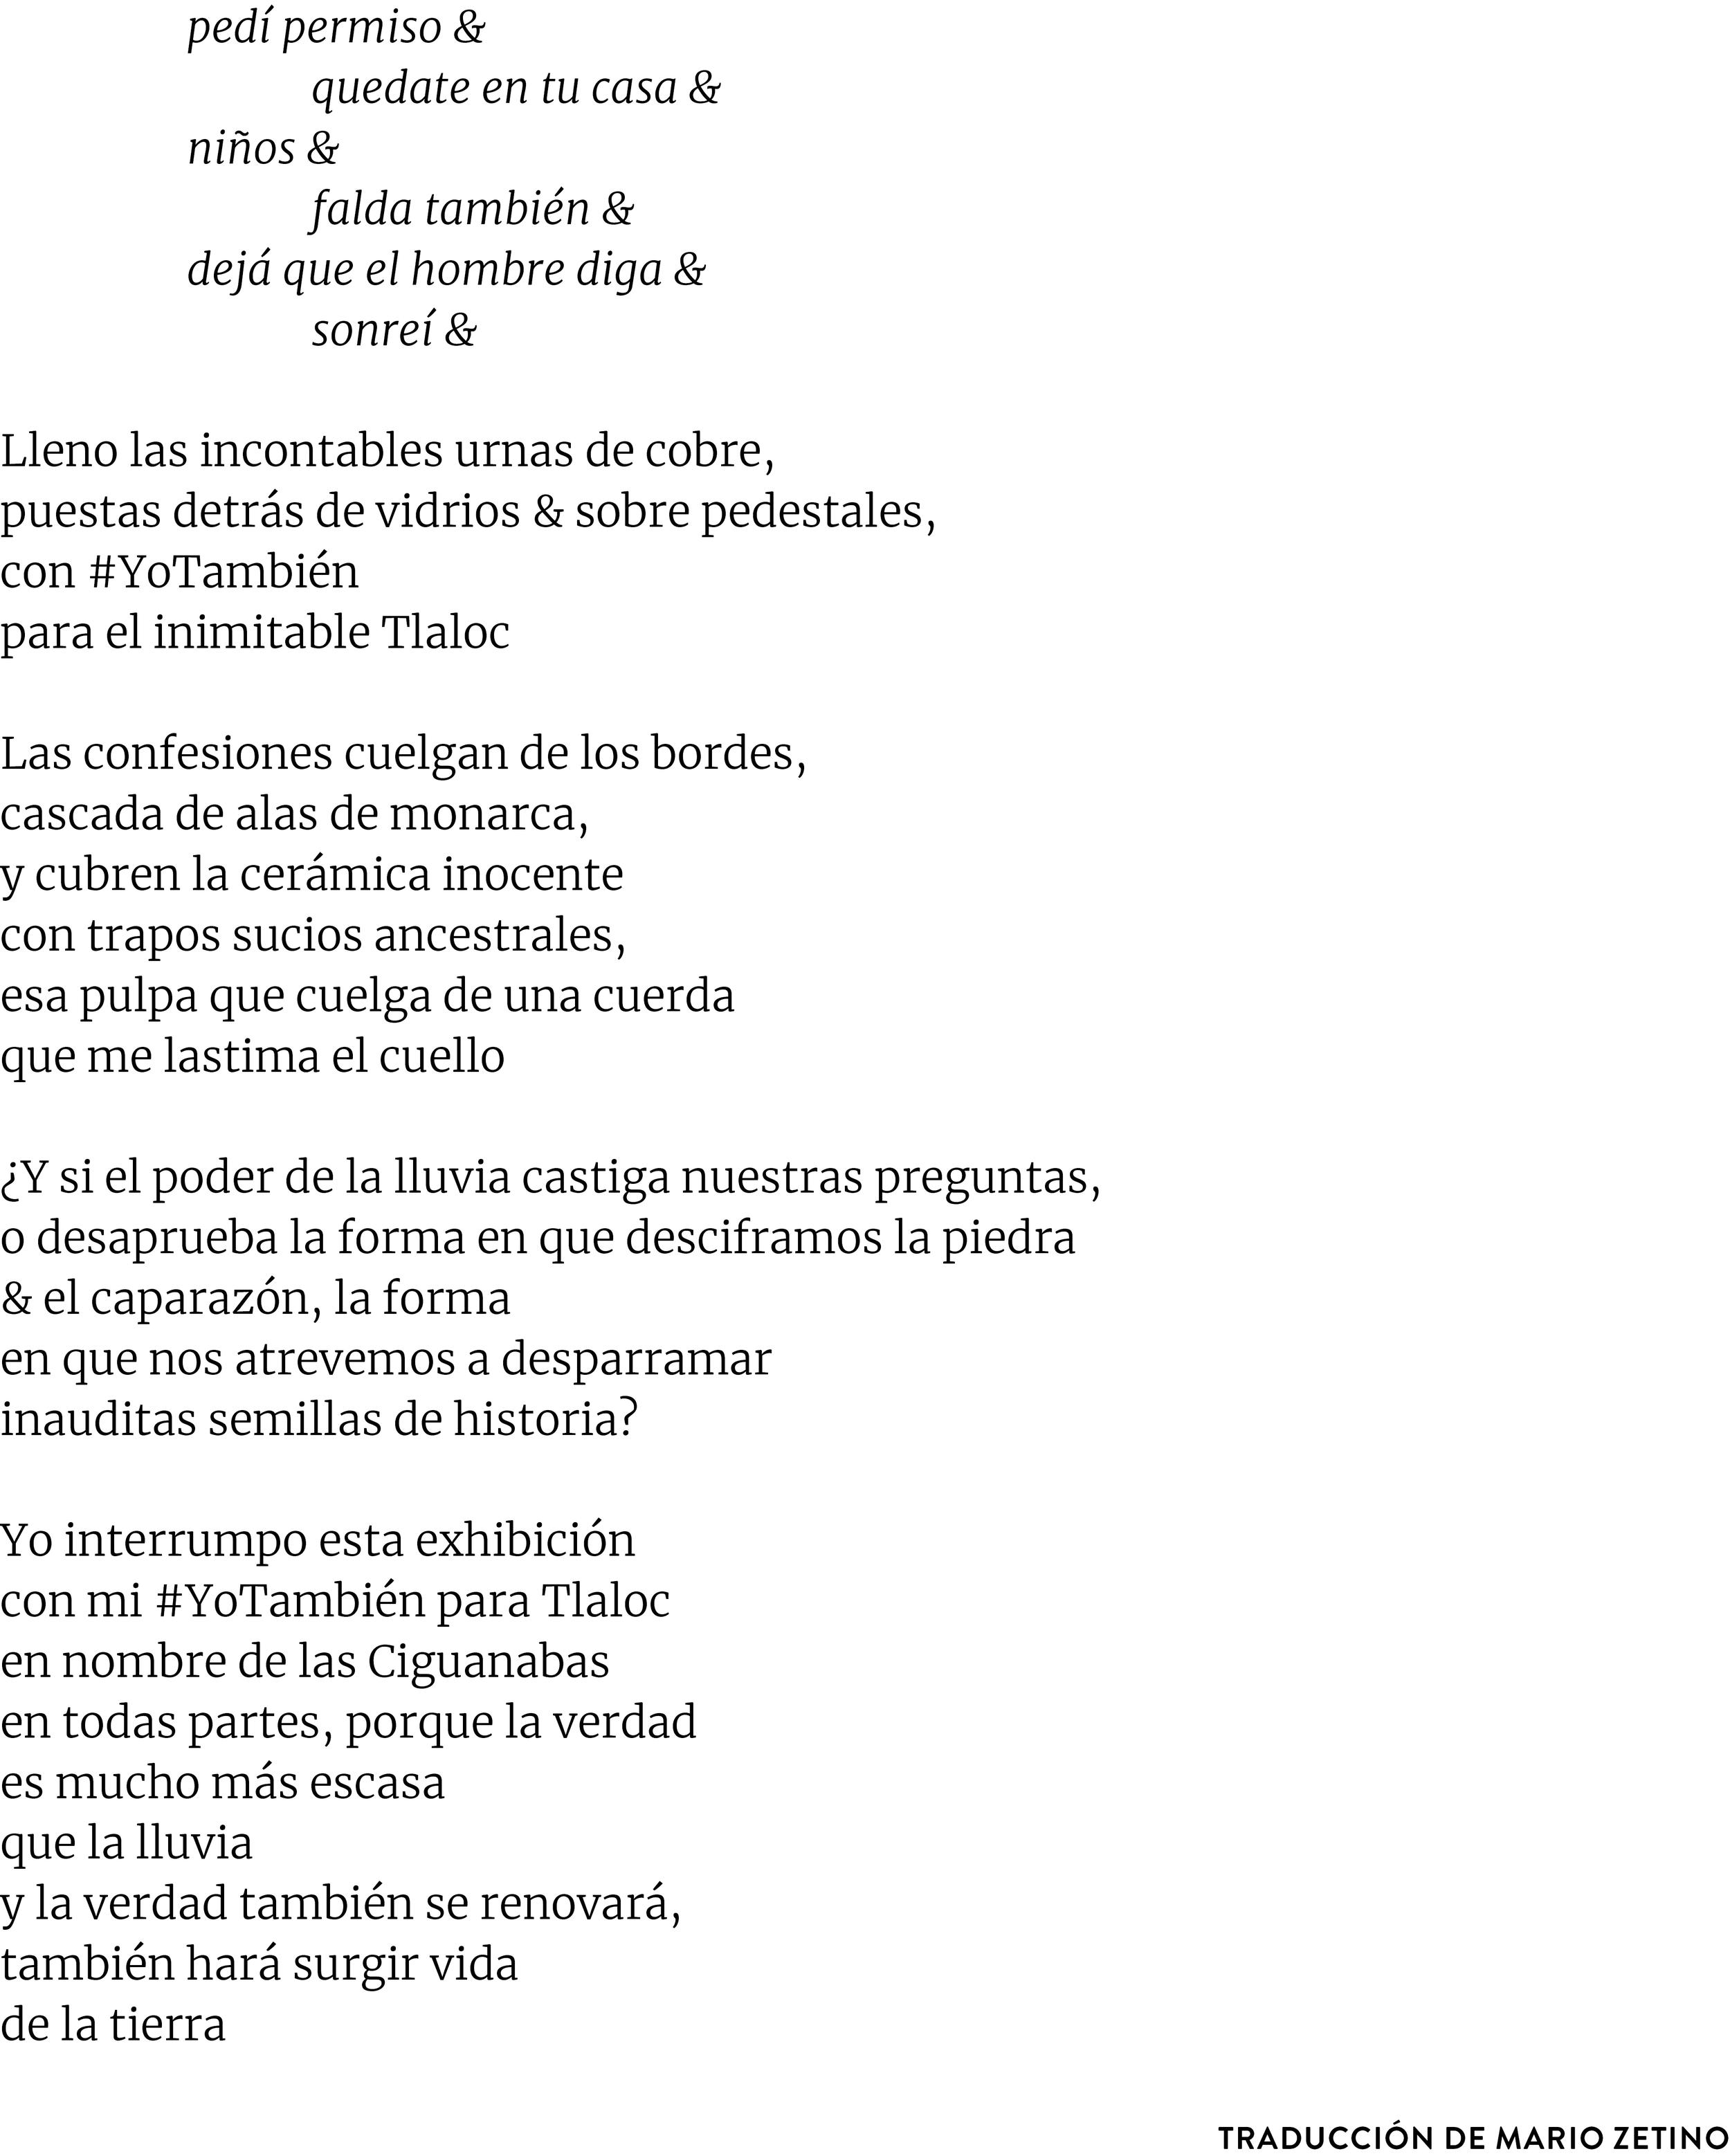 ES Leticia Hernández Linares6.png